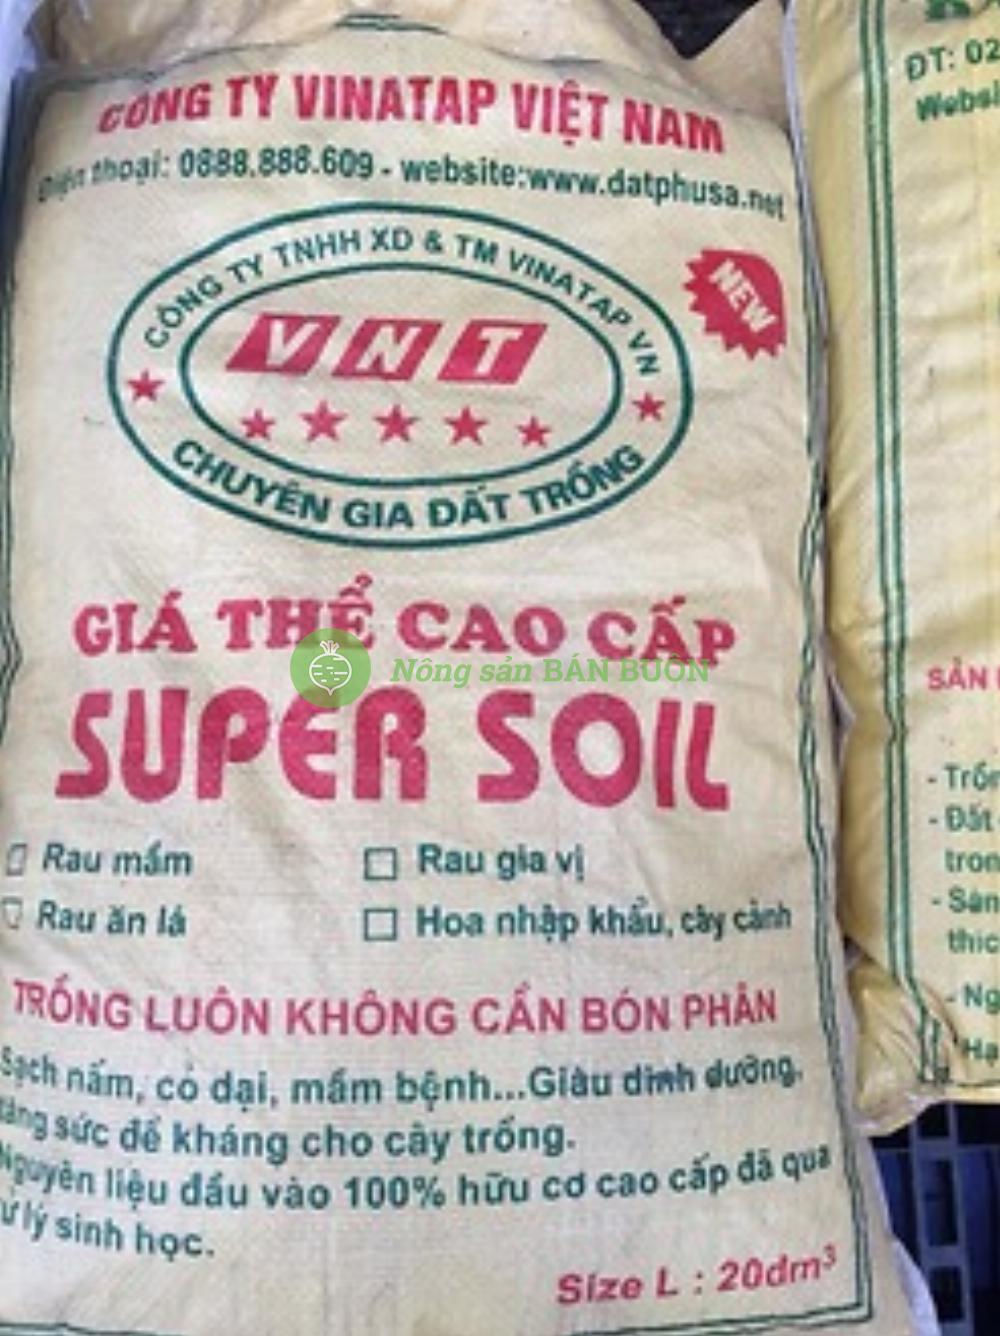 giá thể cao cấp SUPER SOLL